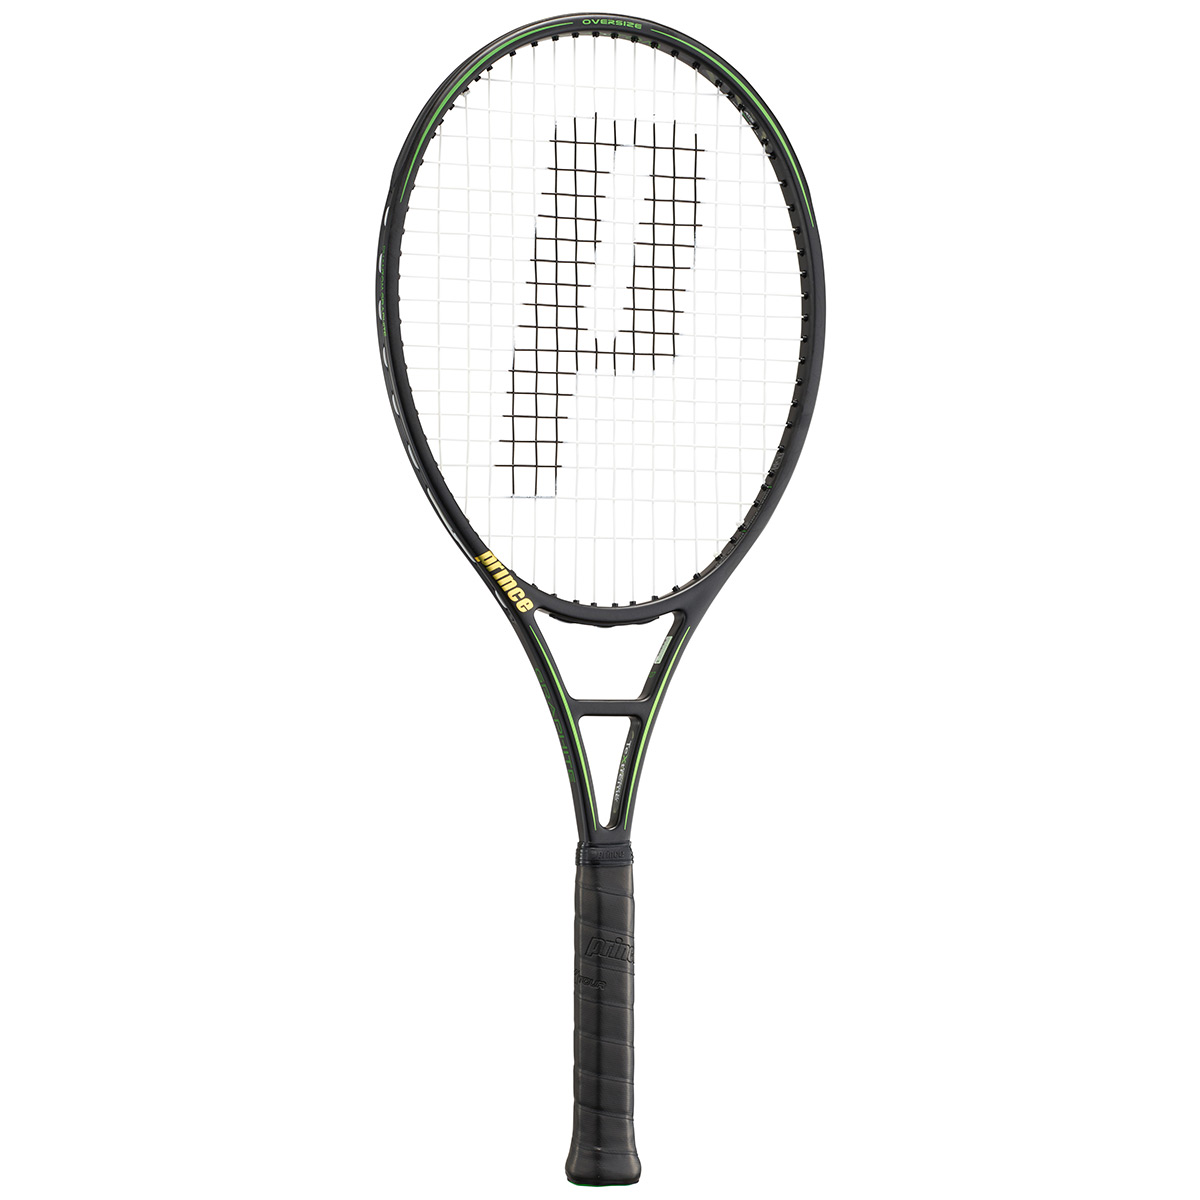 送料無料 ガット張り無料 フェイスカバープレゼント プリンス Prince 硬式テニスラケット GRAPHITE PHANTOM 107 <セール&特集> ファントム メーカー在庫限り品 グラファイト 7TJ107